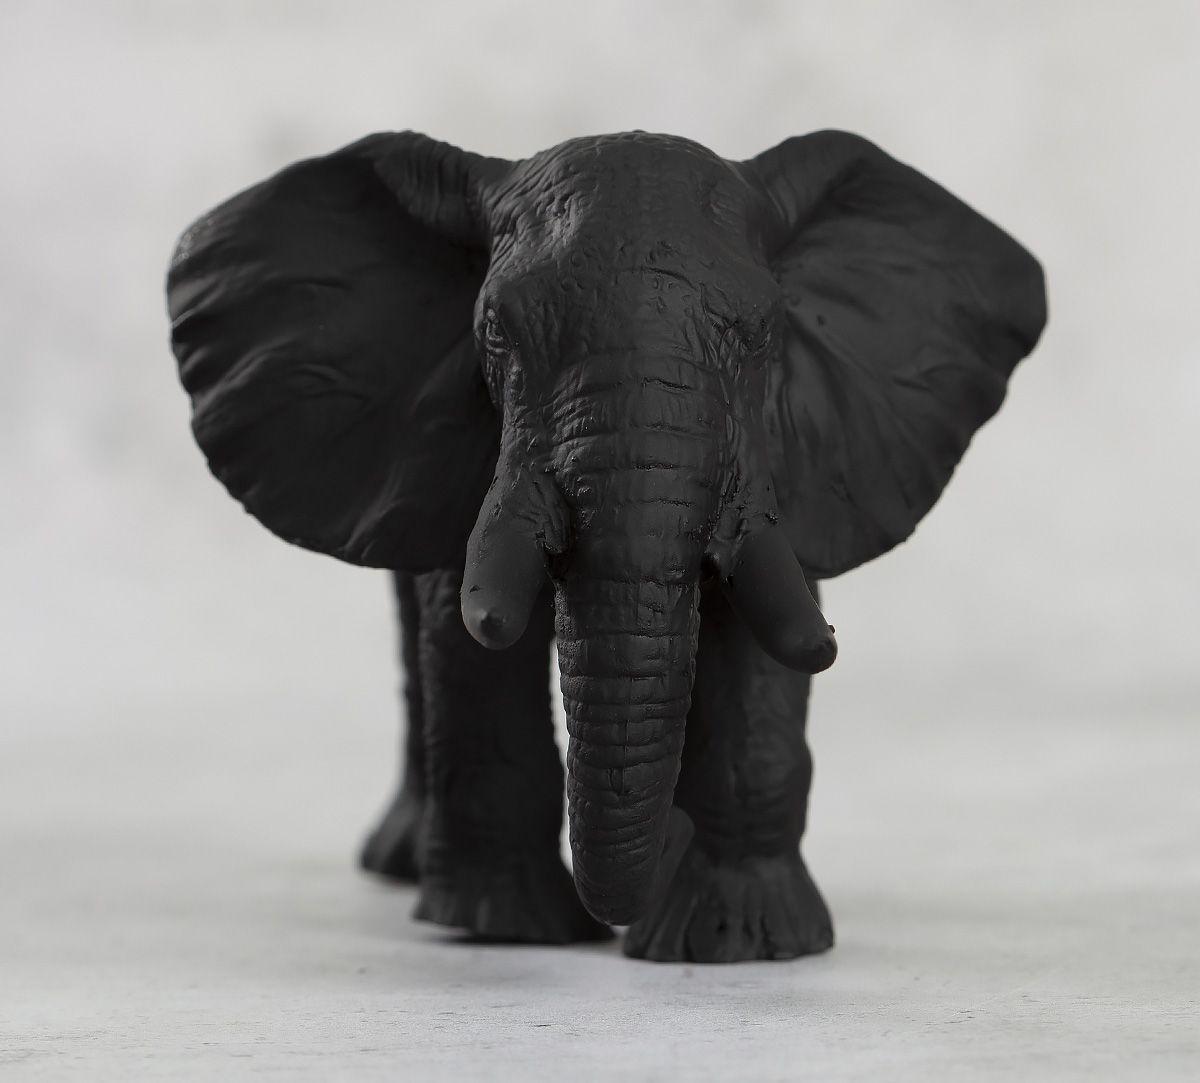 India Circus Black Baby Elephant Figurine